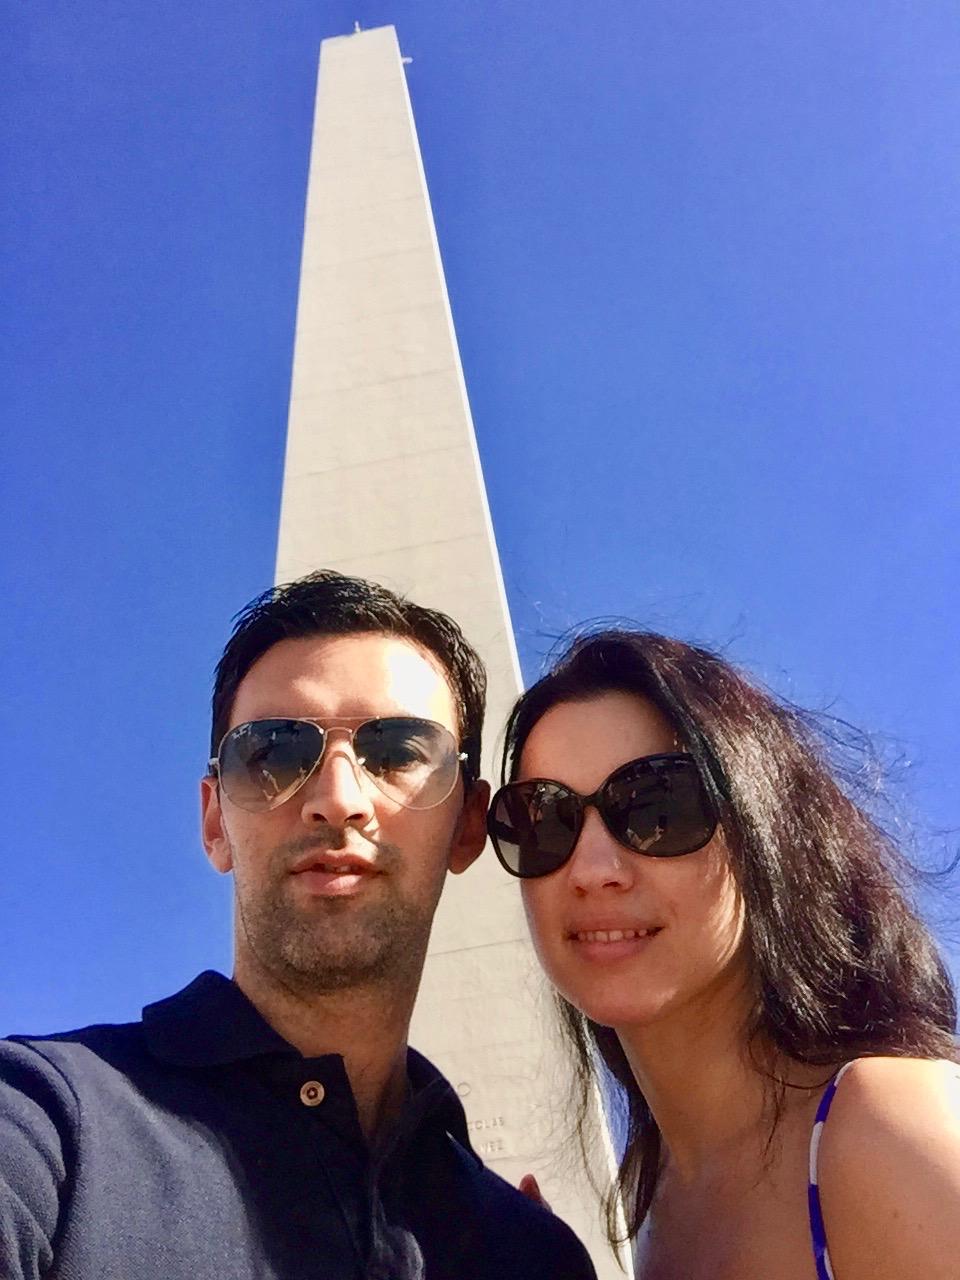 Vor dem Obelisk